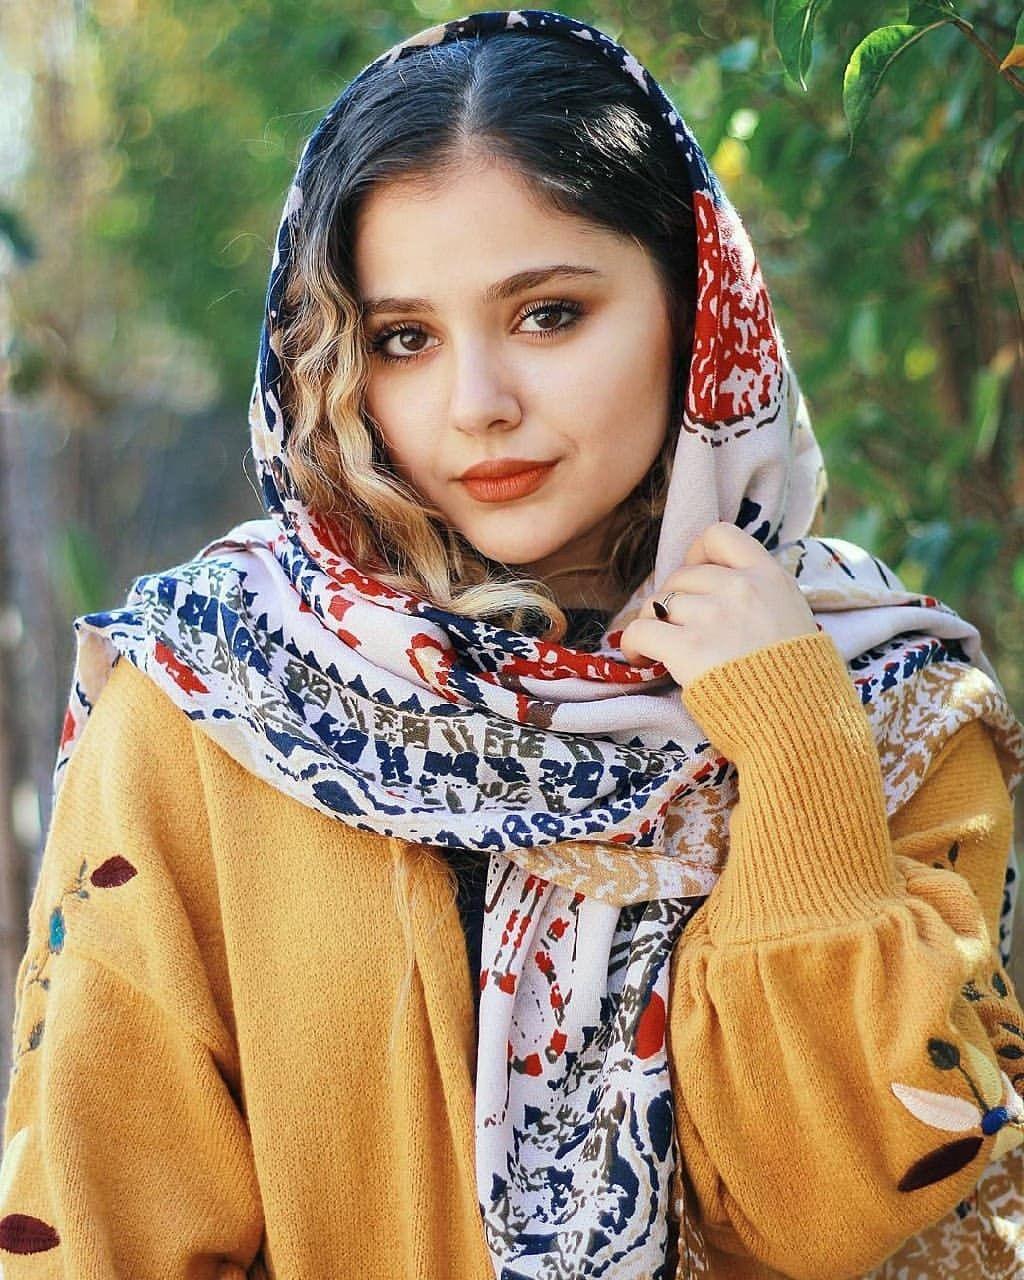 Iranian Beautiful girls panosundaki Pin